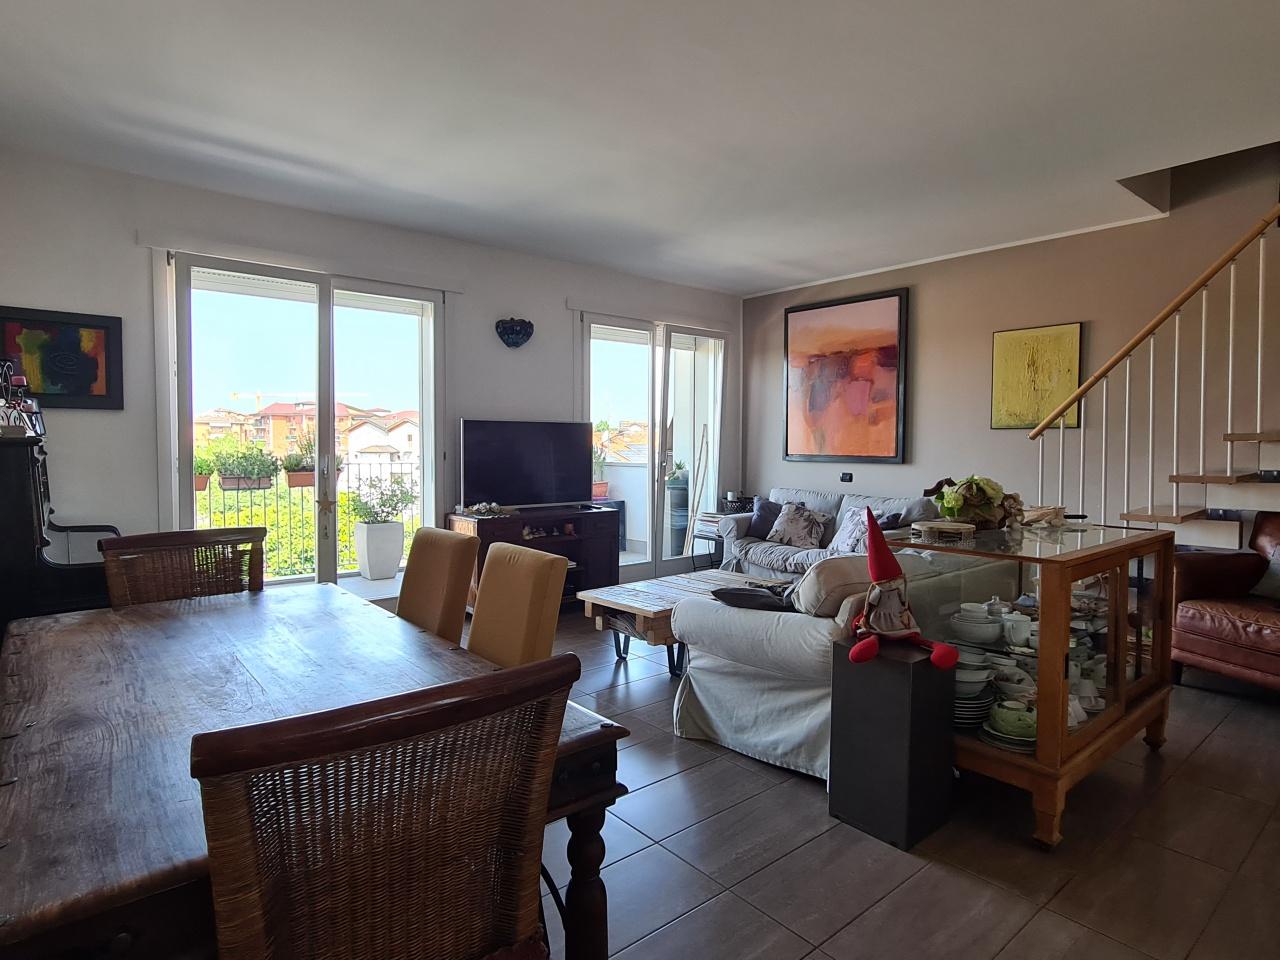 Appartamento in vendita a Treviglio, 3 locali, prezzo € 215.000   PortaleAgenzieImmobiliari.it